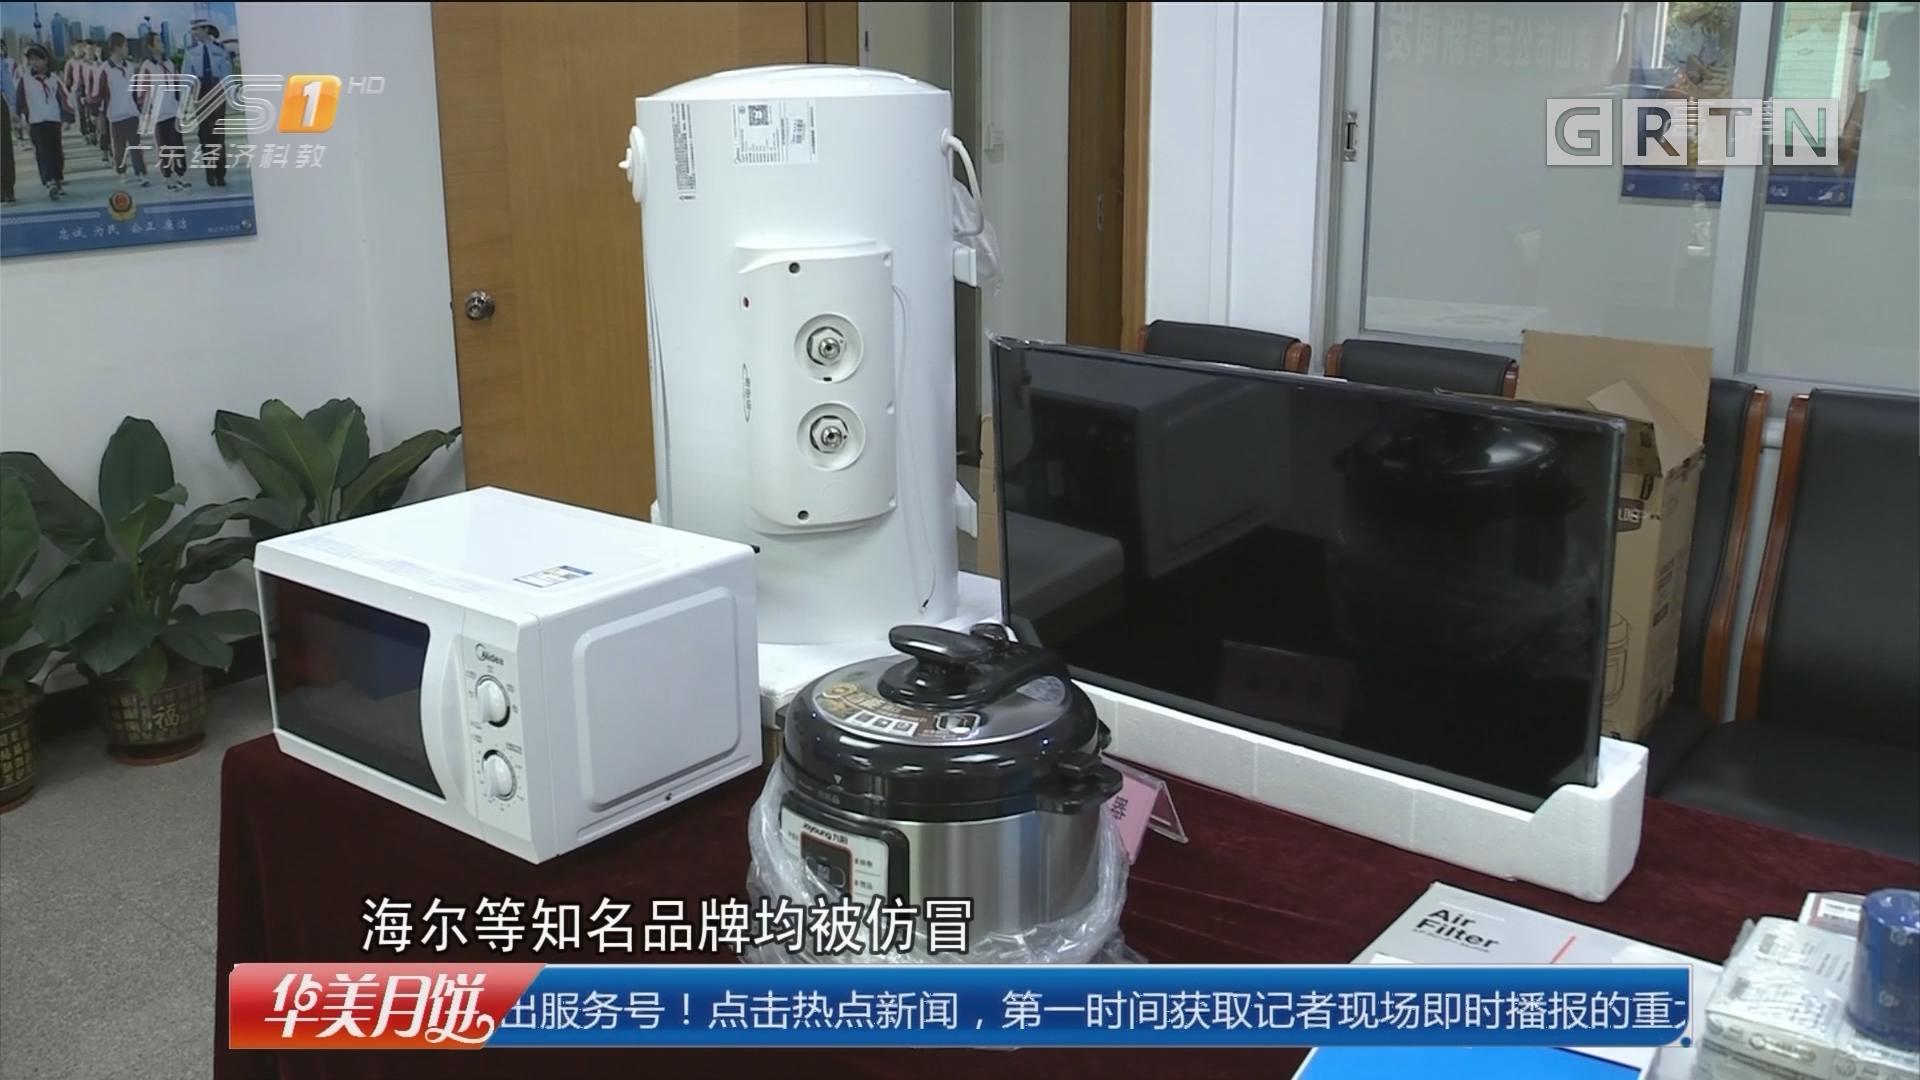 佛山:警方破电器造假大案 案值1500万